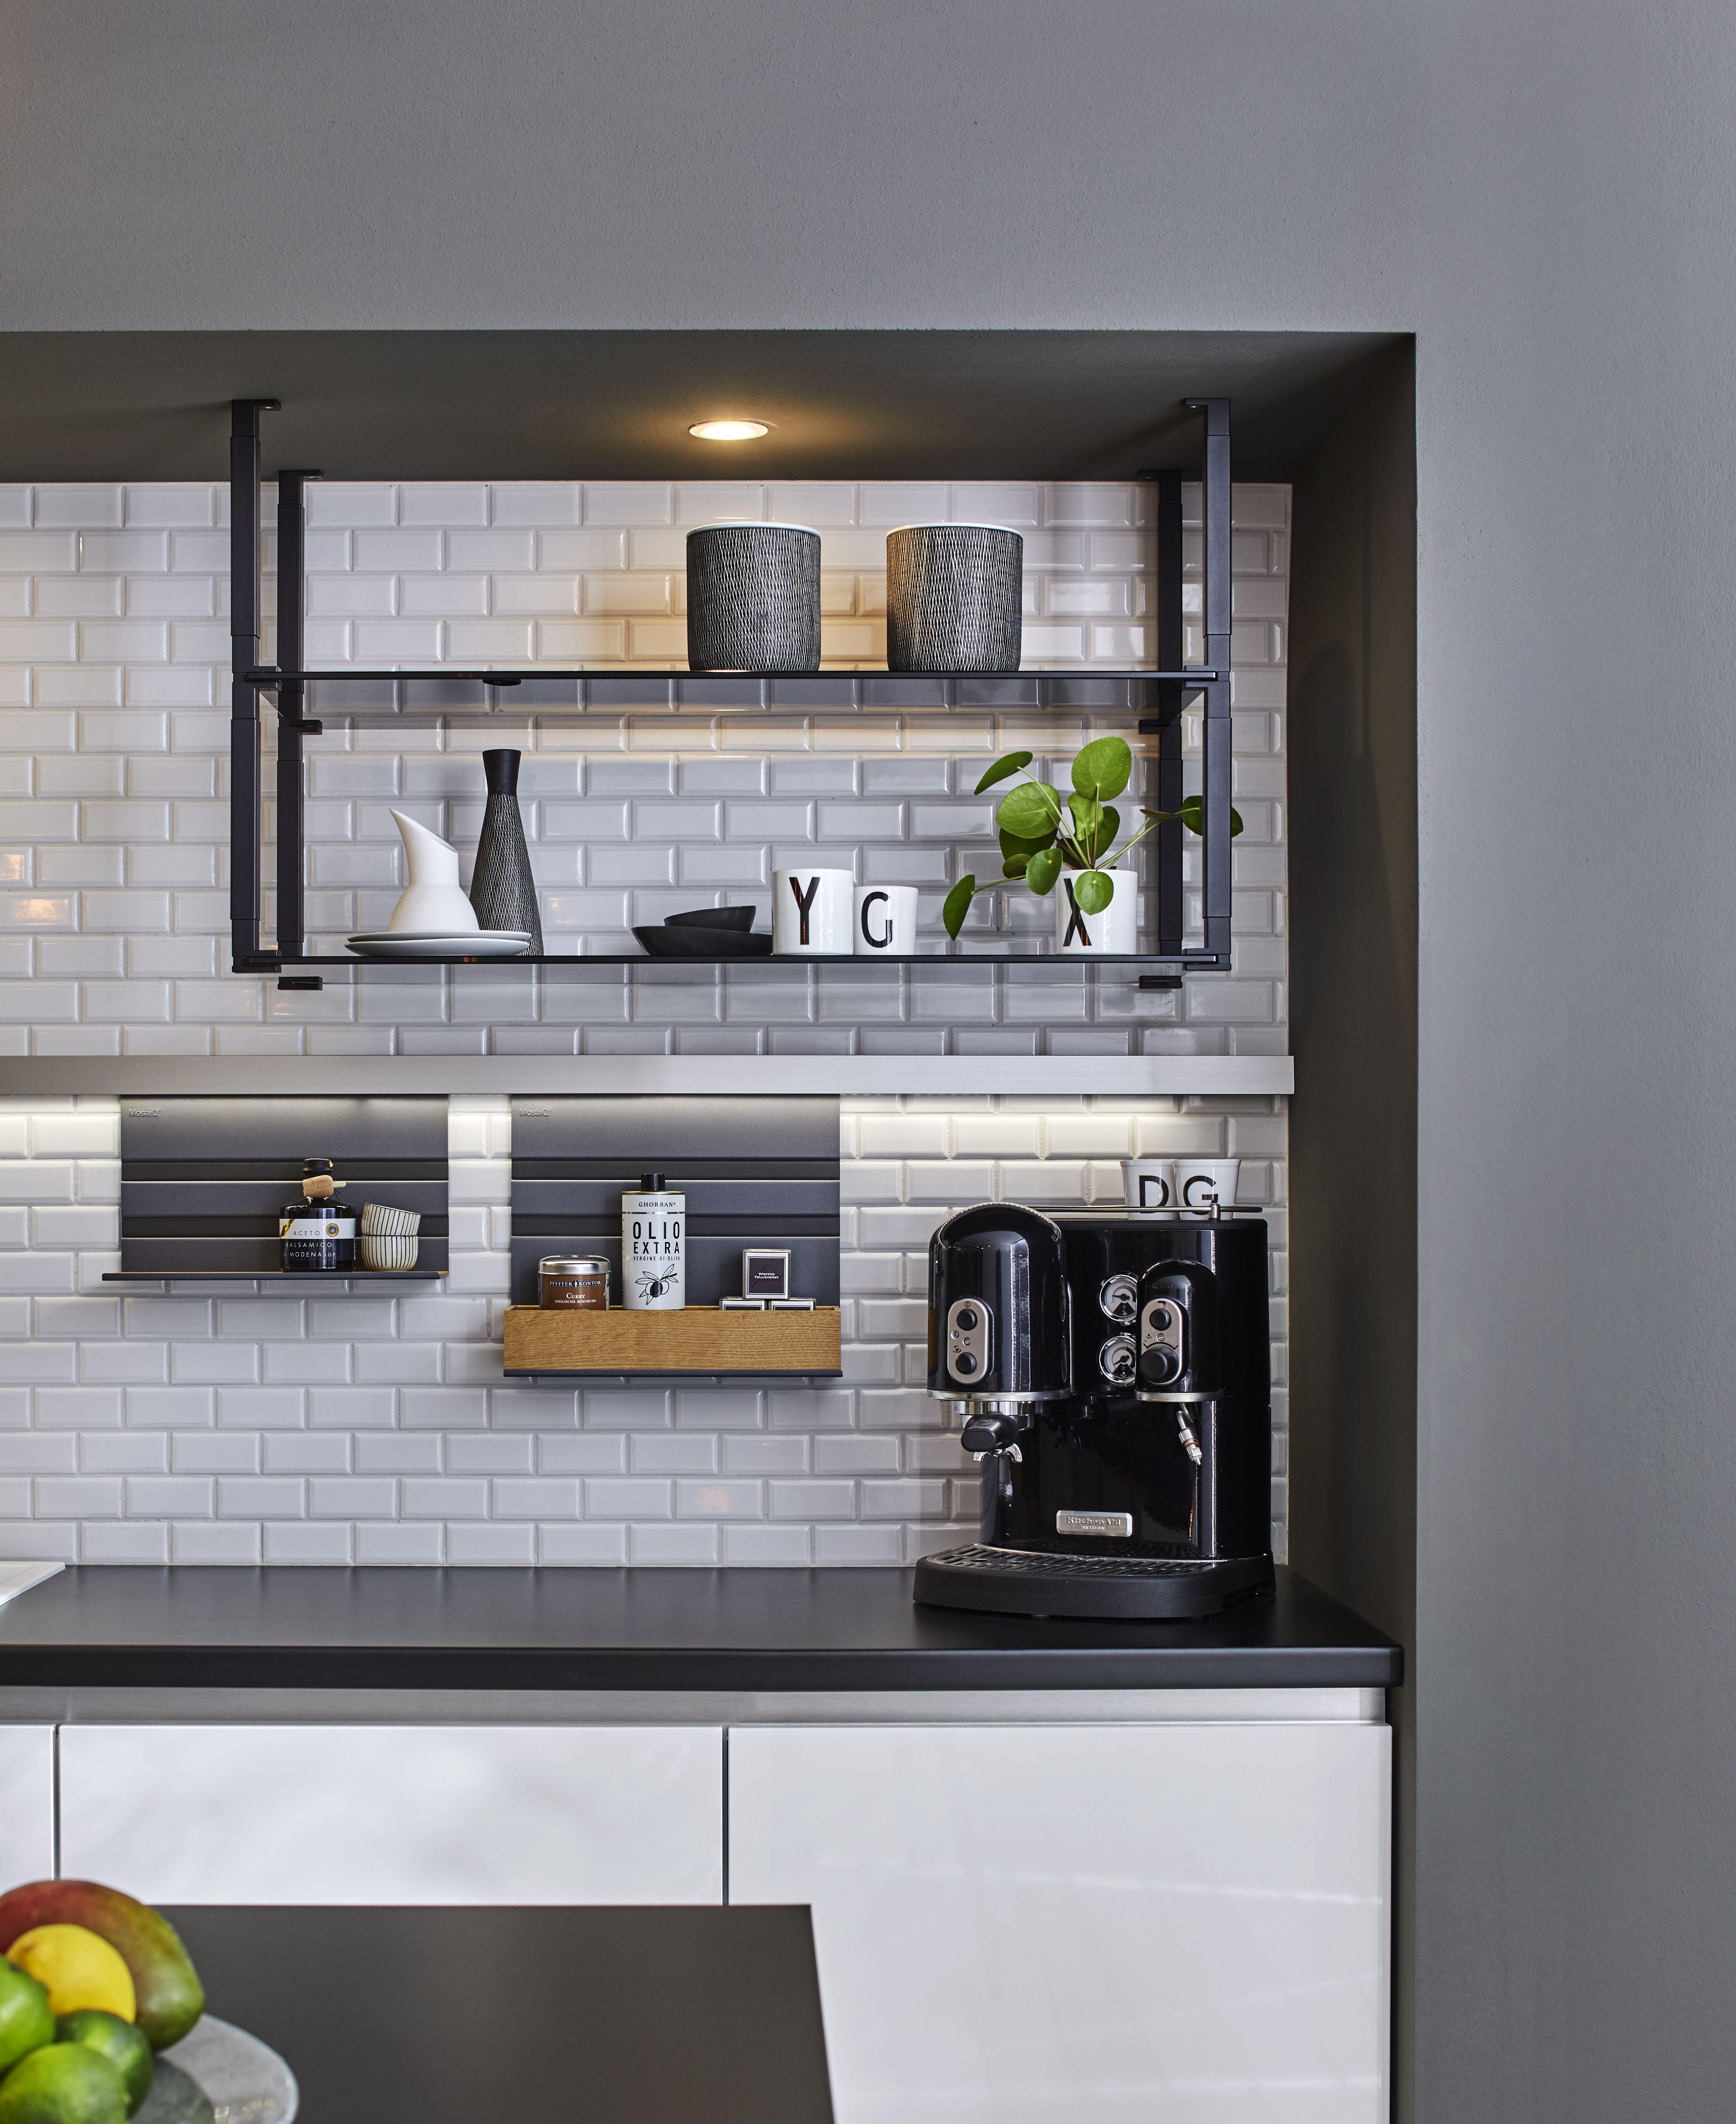 Moderne Küchenzeile mit Hängeregal #trackbyvolumek #track_volumek